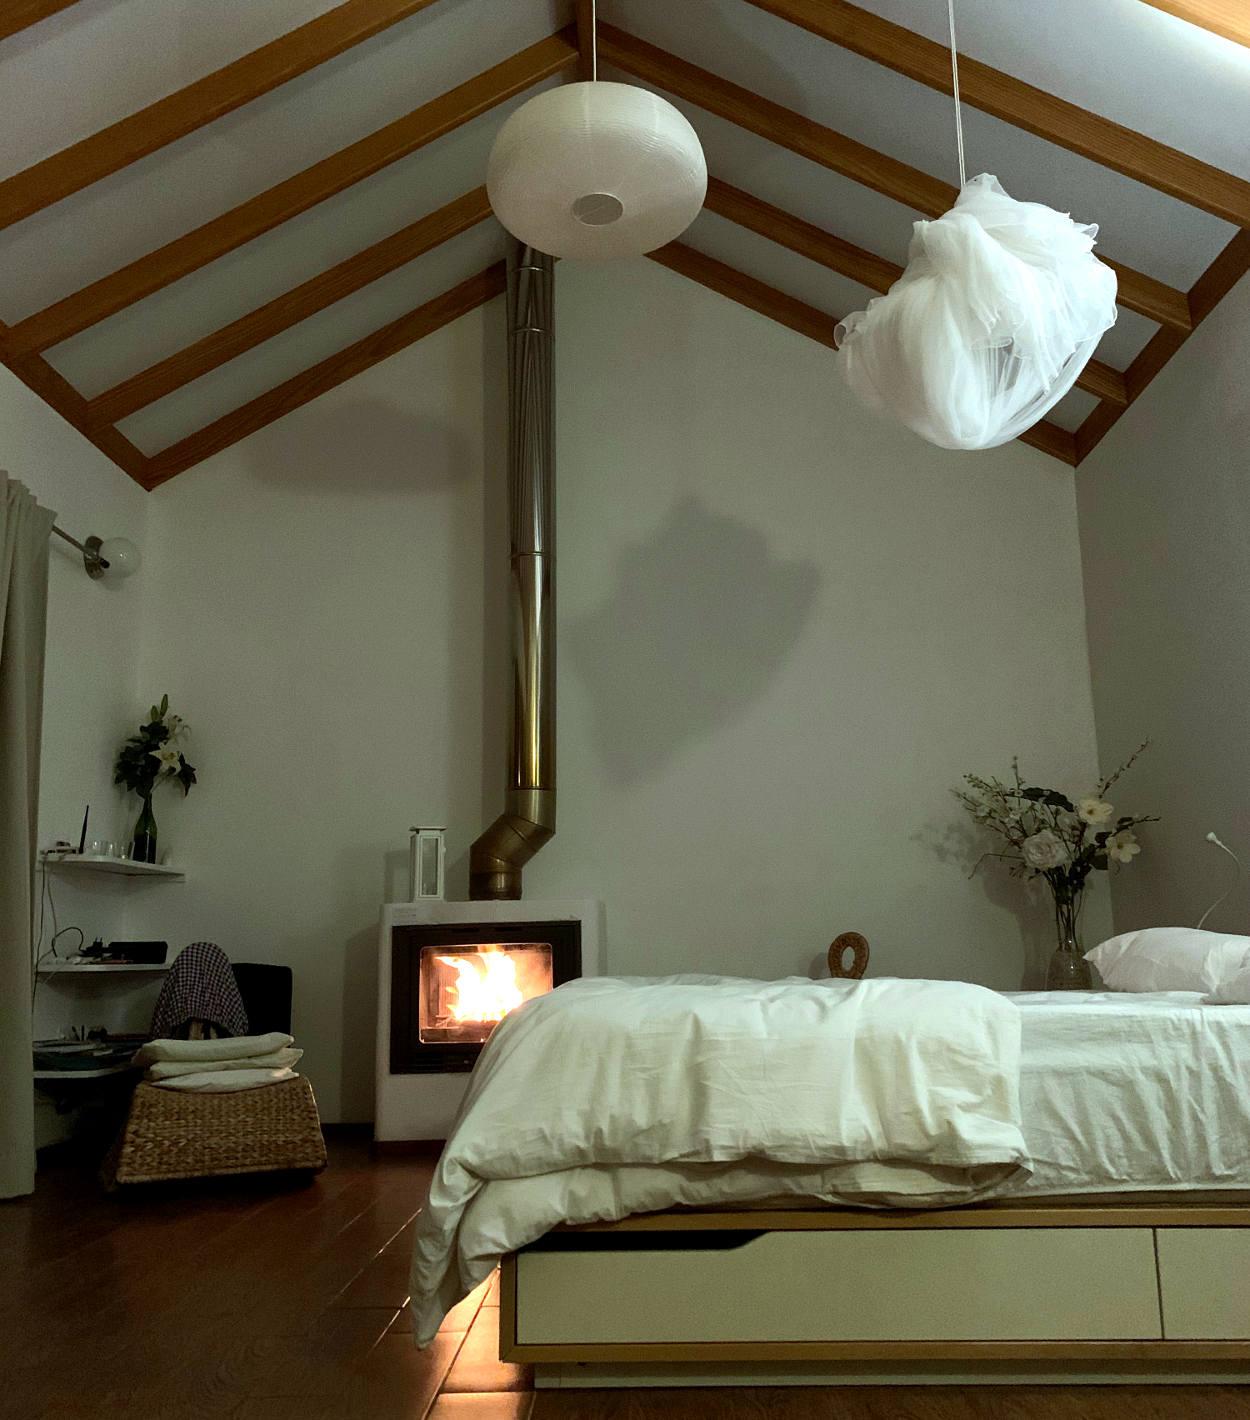 Hohes Zimmer, darin ein Bett, über dem eine Lampe und ein Moskitonetz hängen, dahinter ein Ofen, dessen Rohr zum Dach hinaus geht.